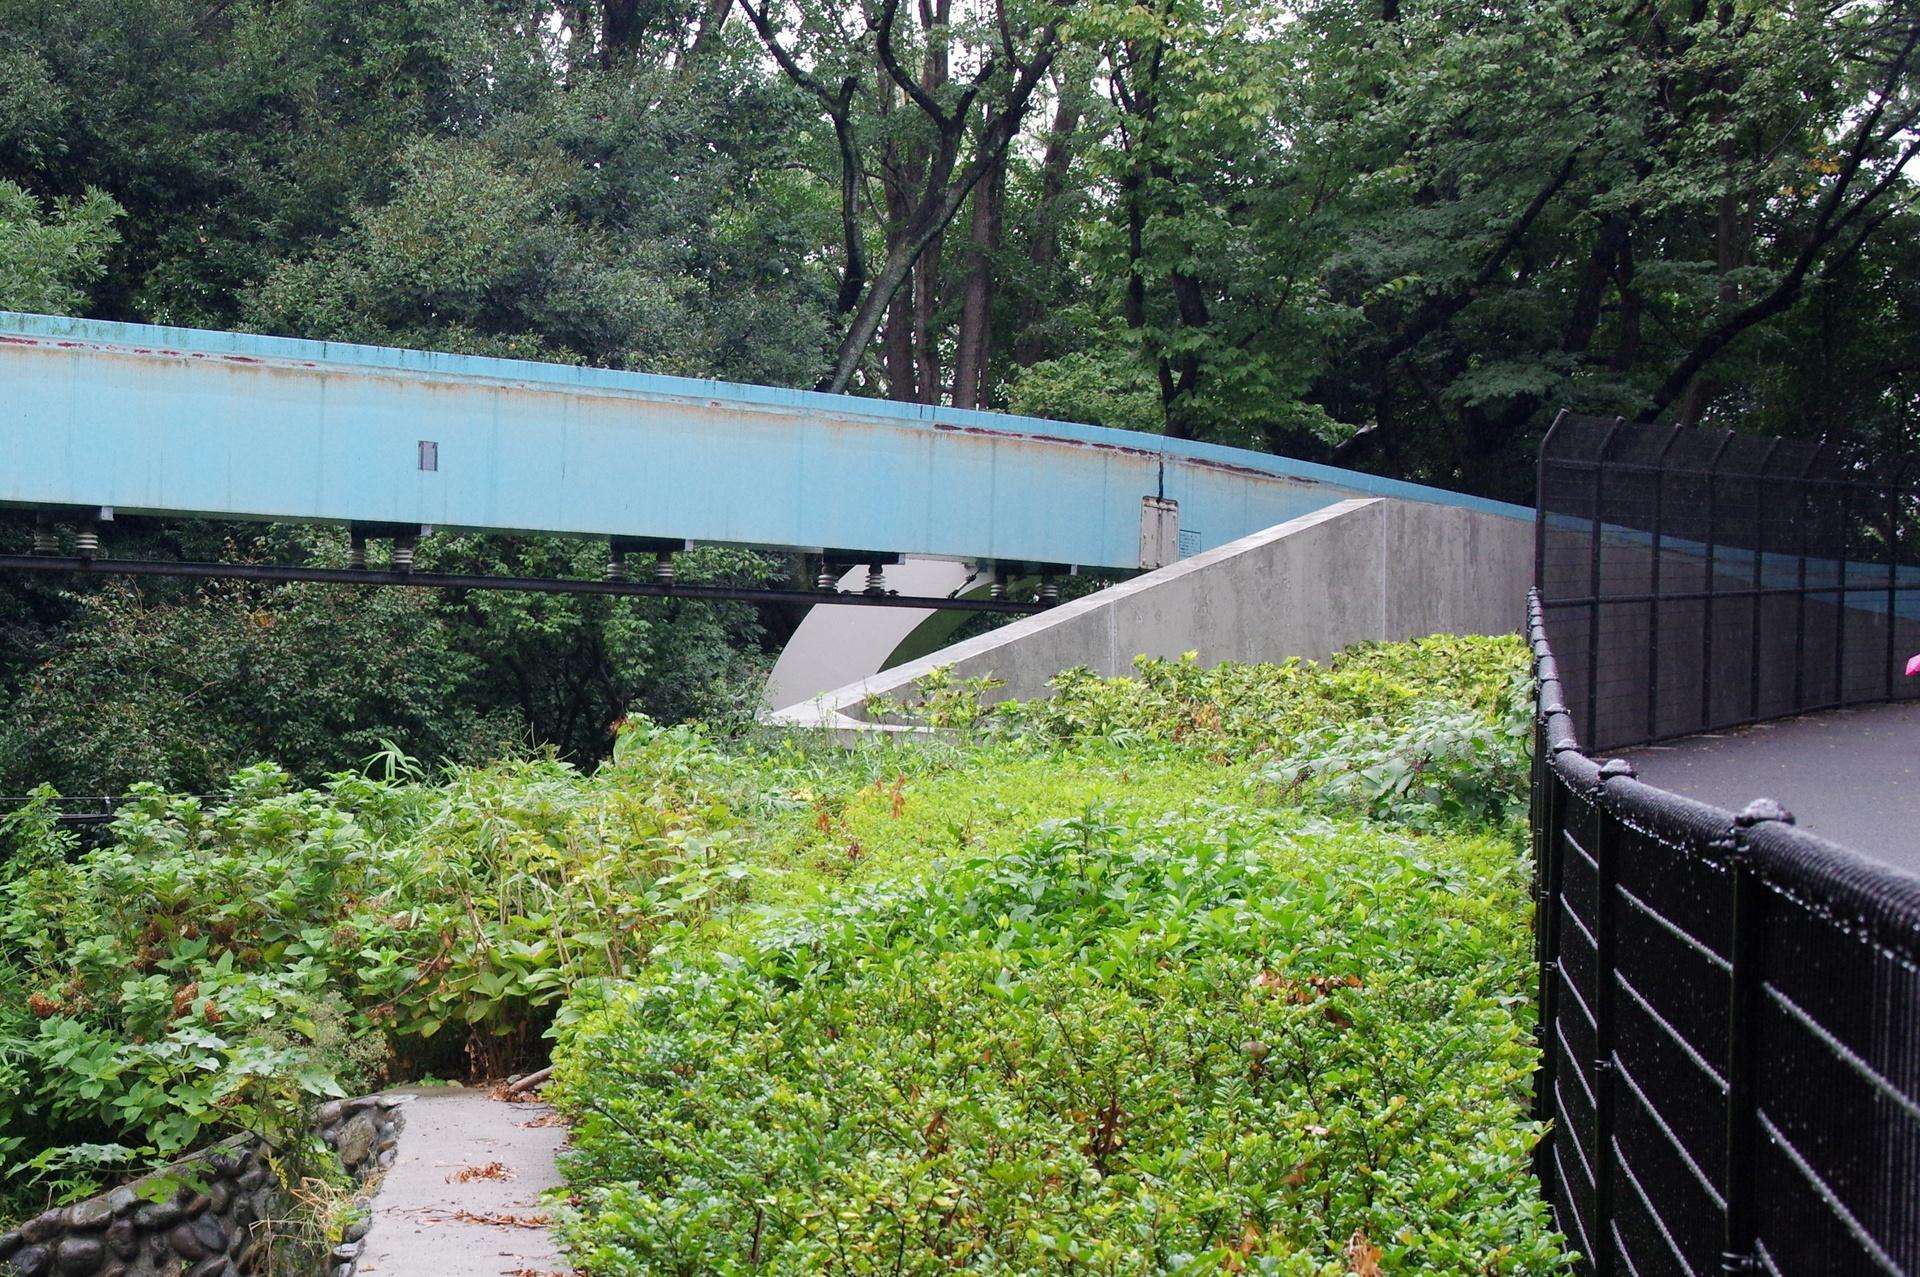 コンクリート壁の向こうにわずかに見える11番橋脚